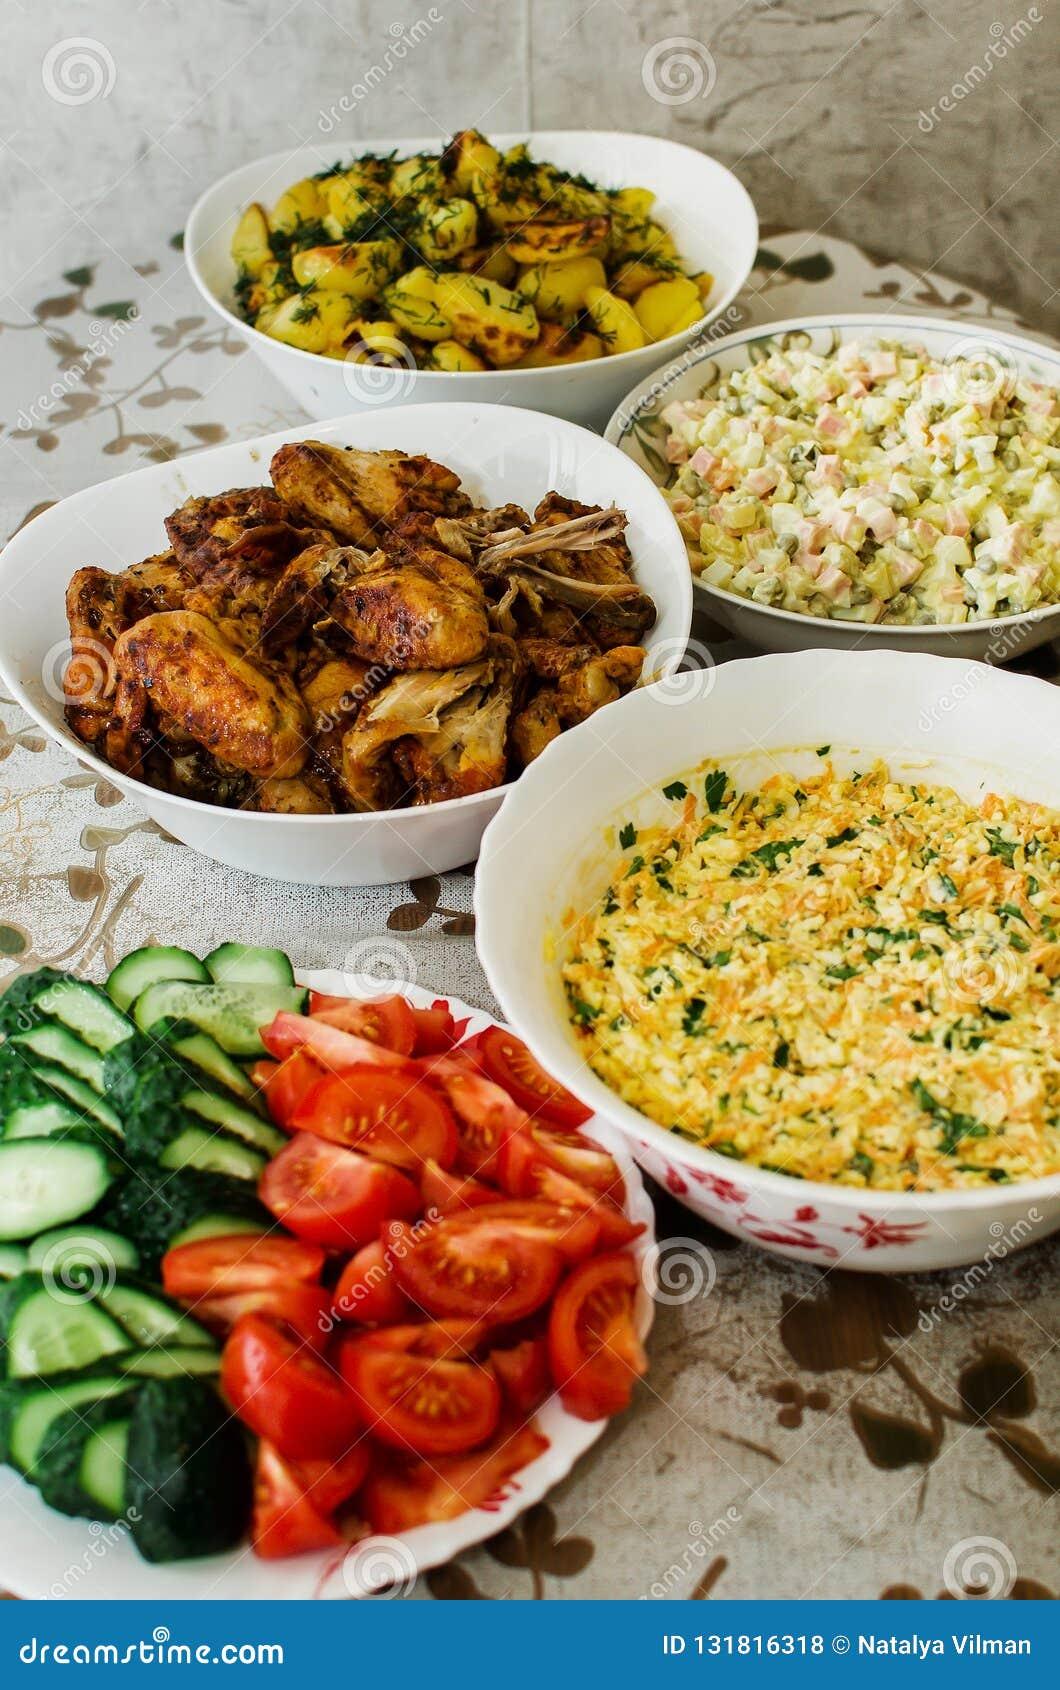 Salat Weihnachten.Russisches Salat Olivie Weihnachten Tradition Neues Jahr Makro